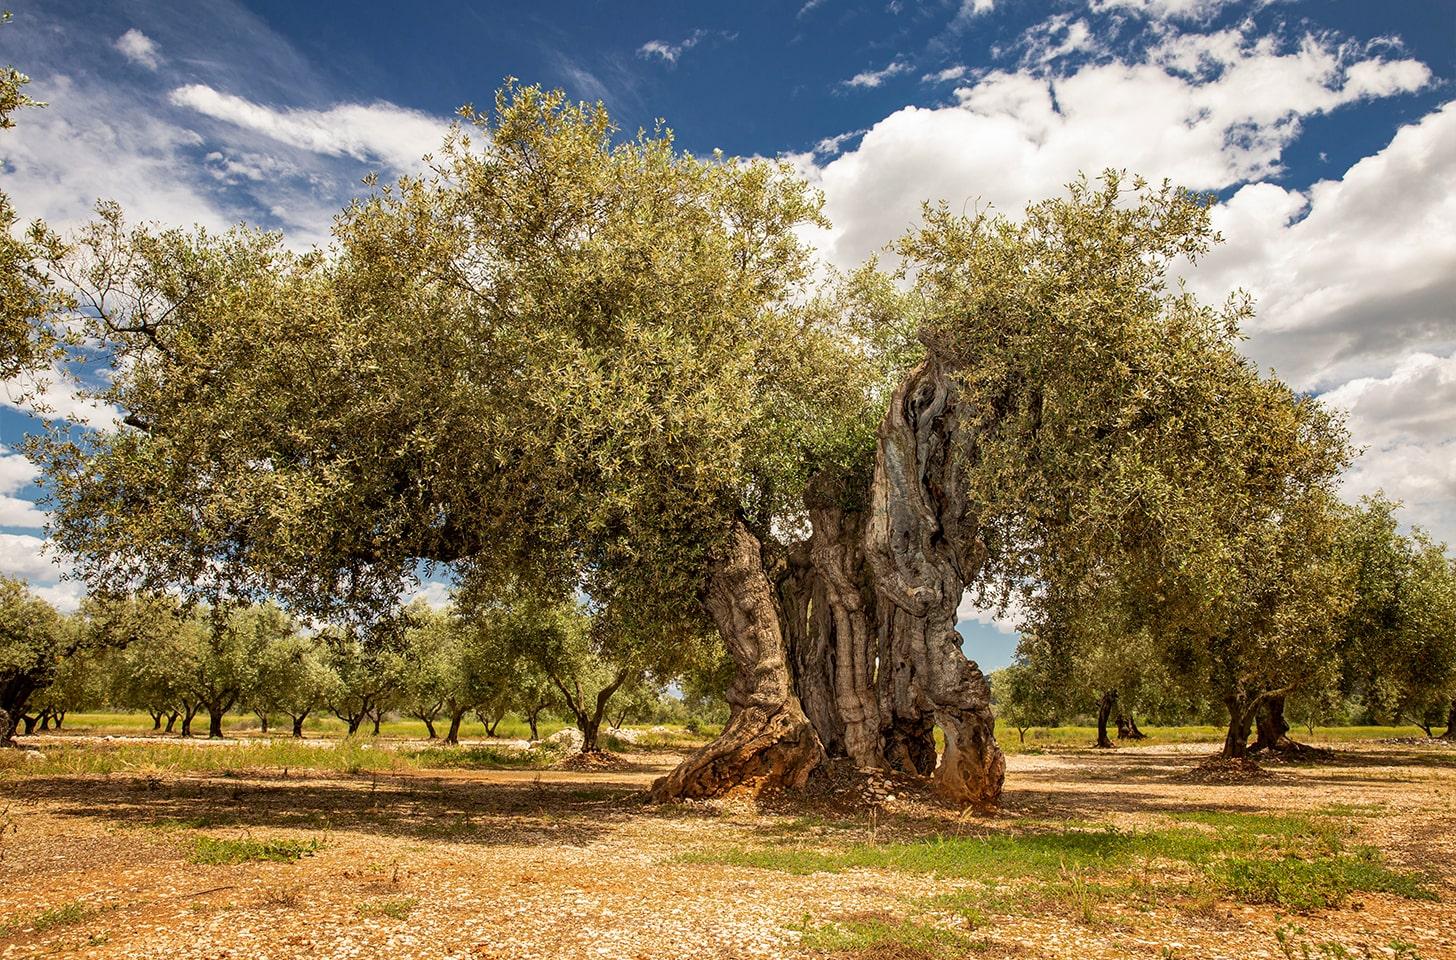 oliveres_01-min